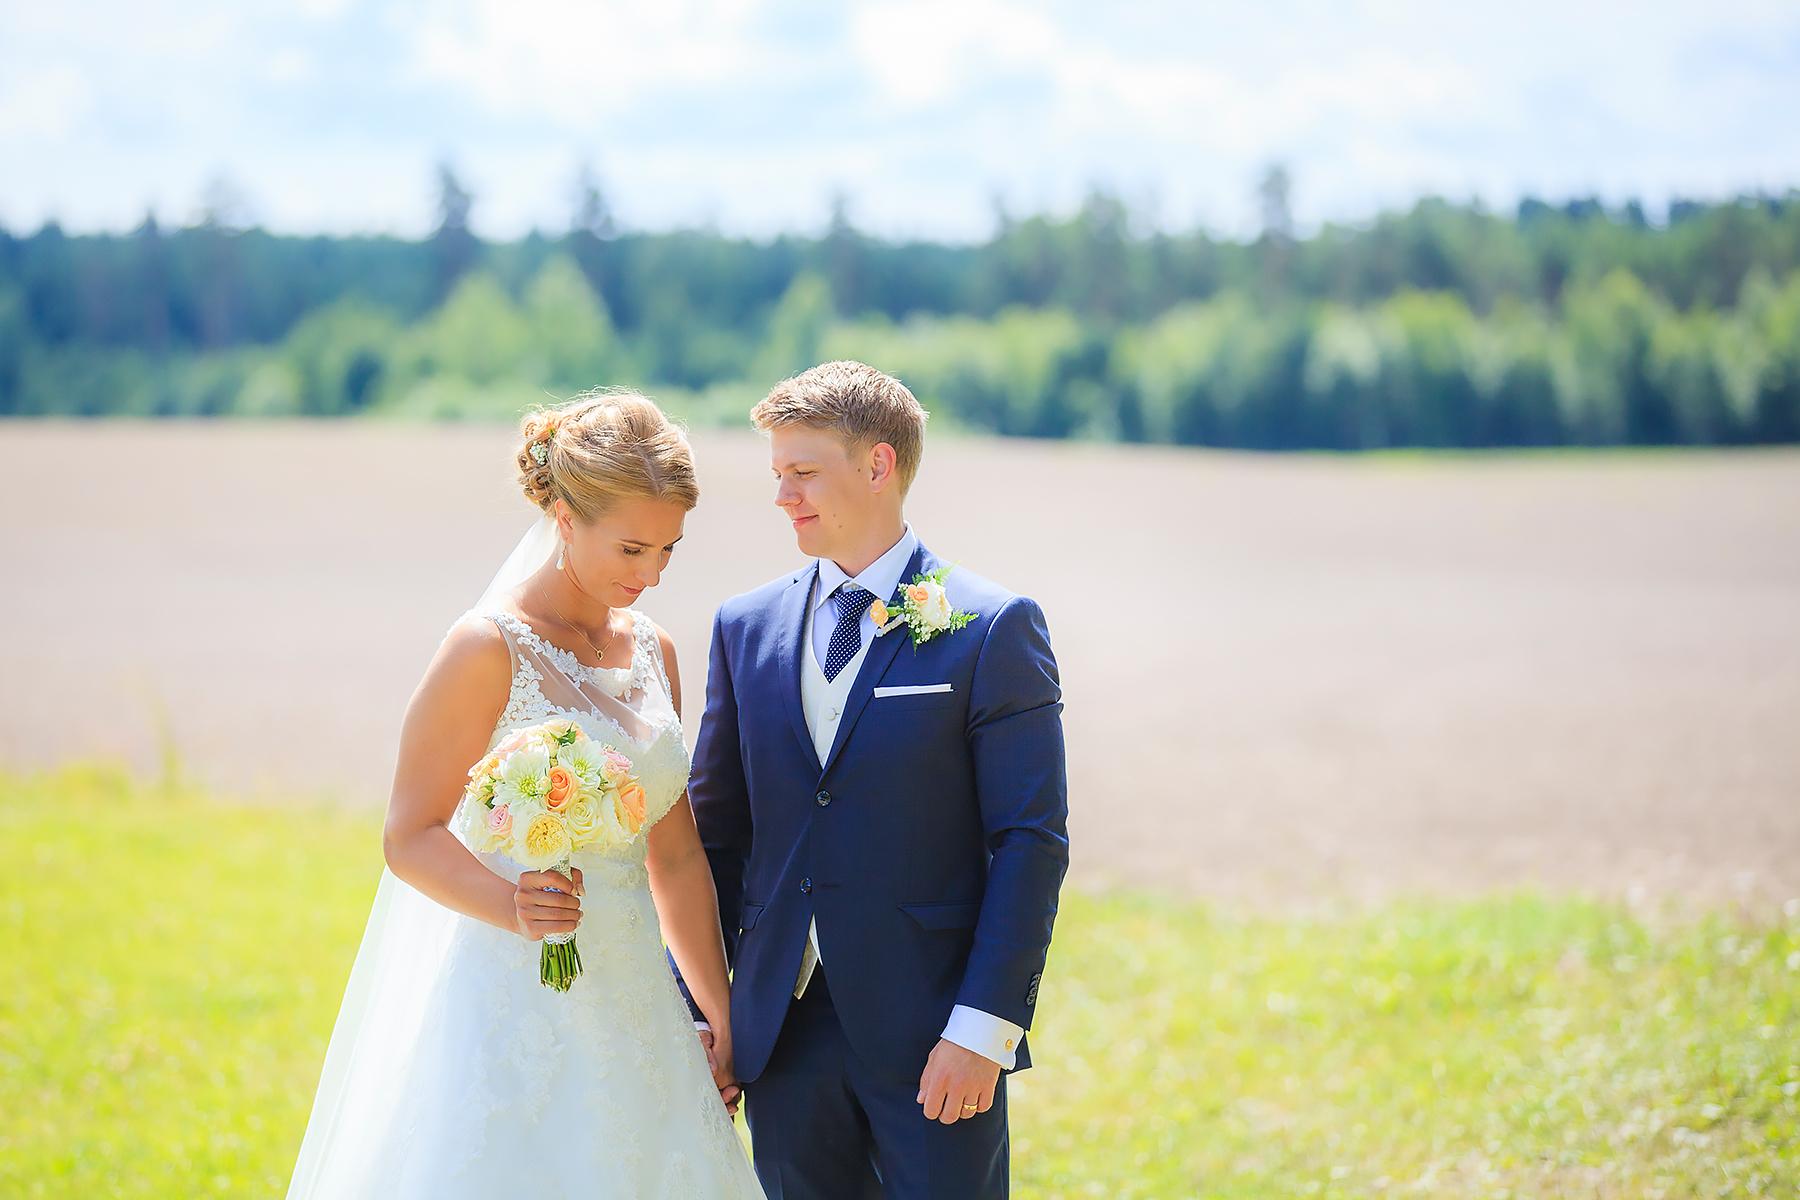 Linnea och Olle gifte sig den 9 juli 2016 i Frykeruds Kyrka. Festen var i Forshaga Hembygdsgård. Bröllopsfotograf: Sofia Röjder, Lyckliga Stunder.